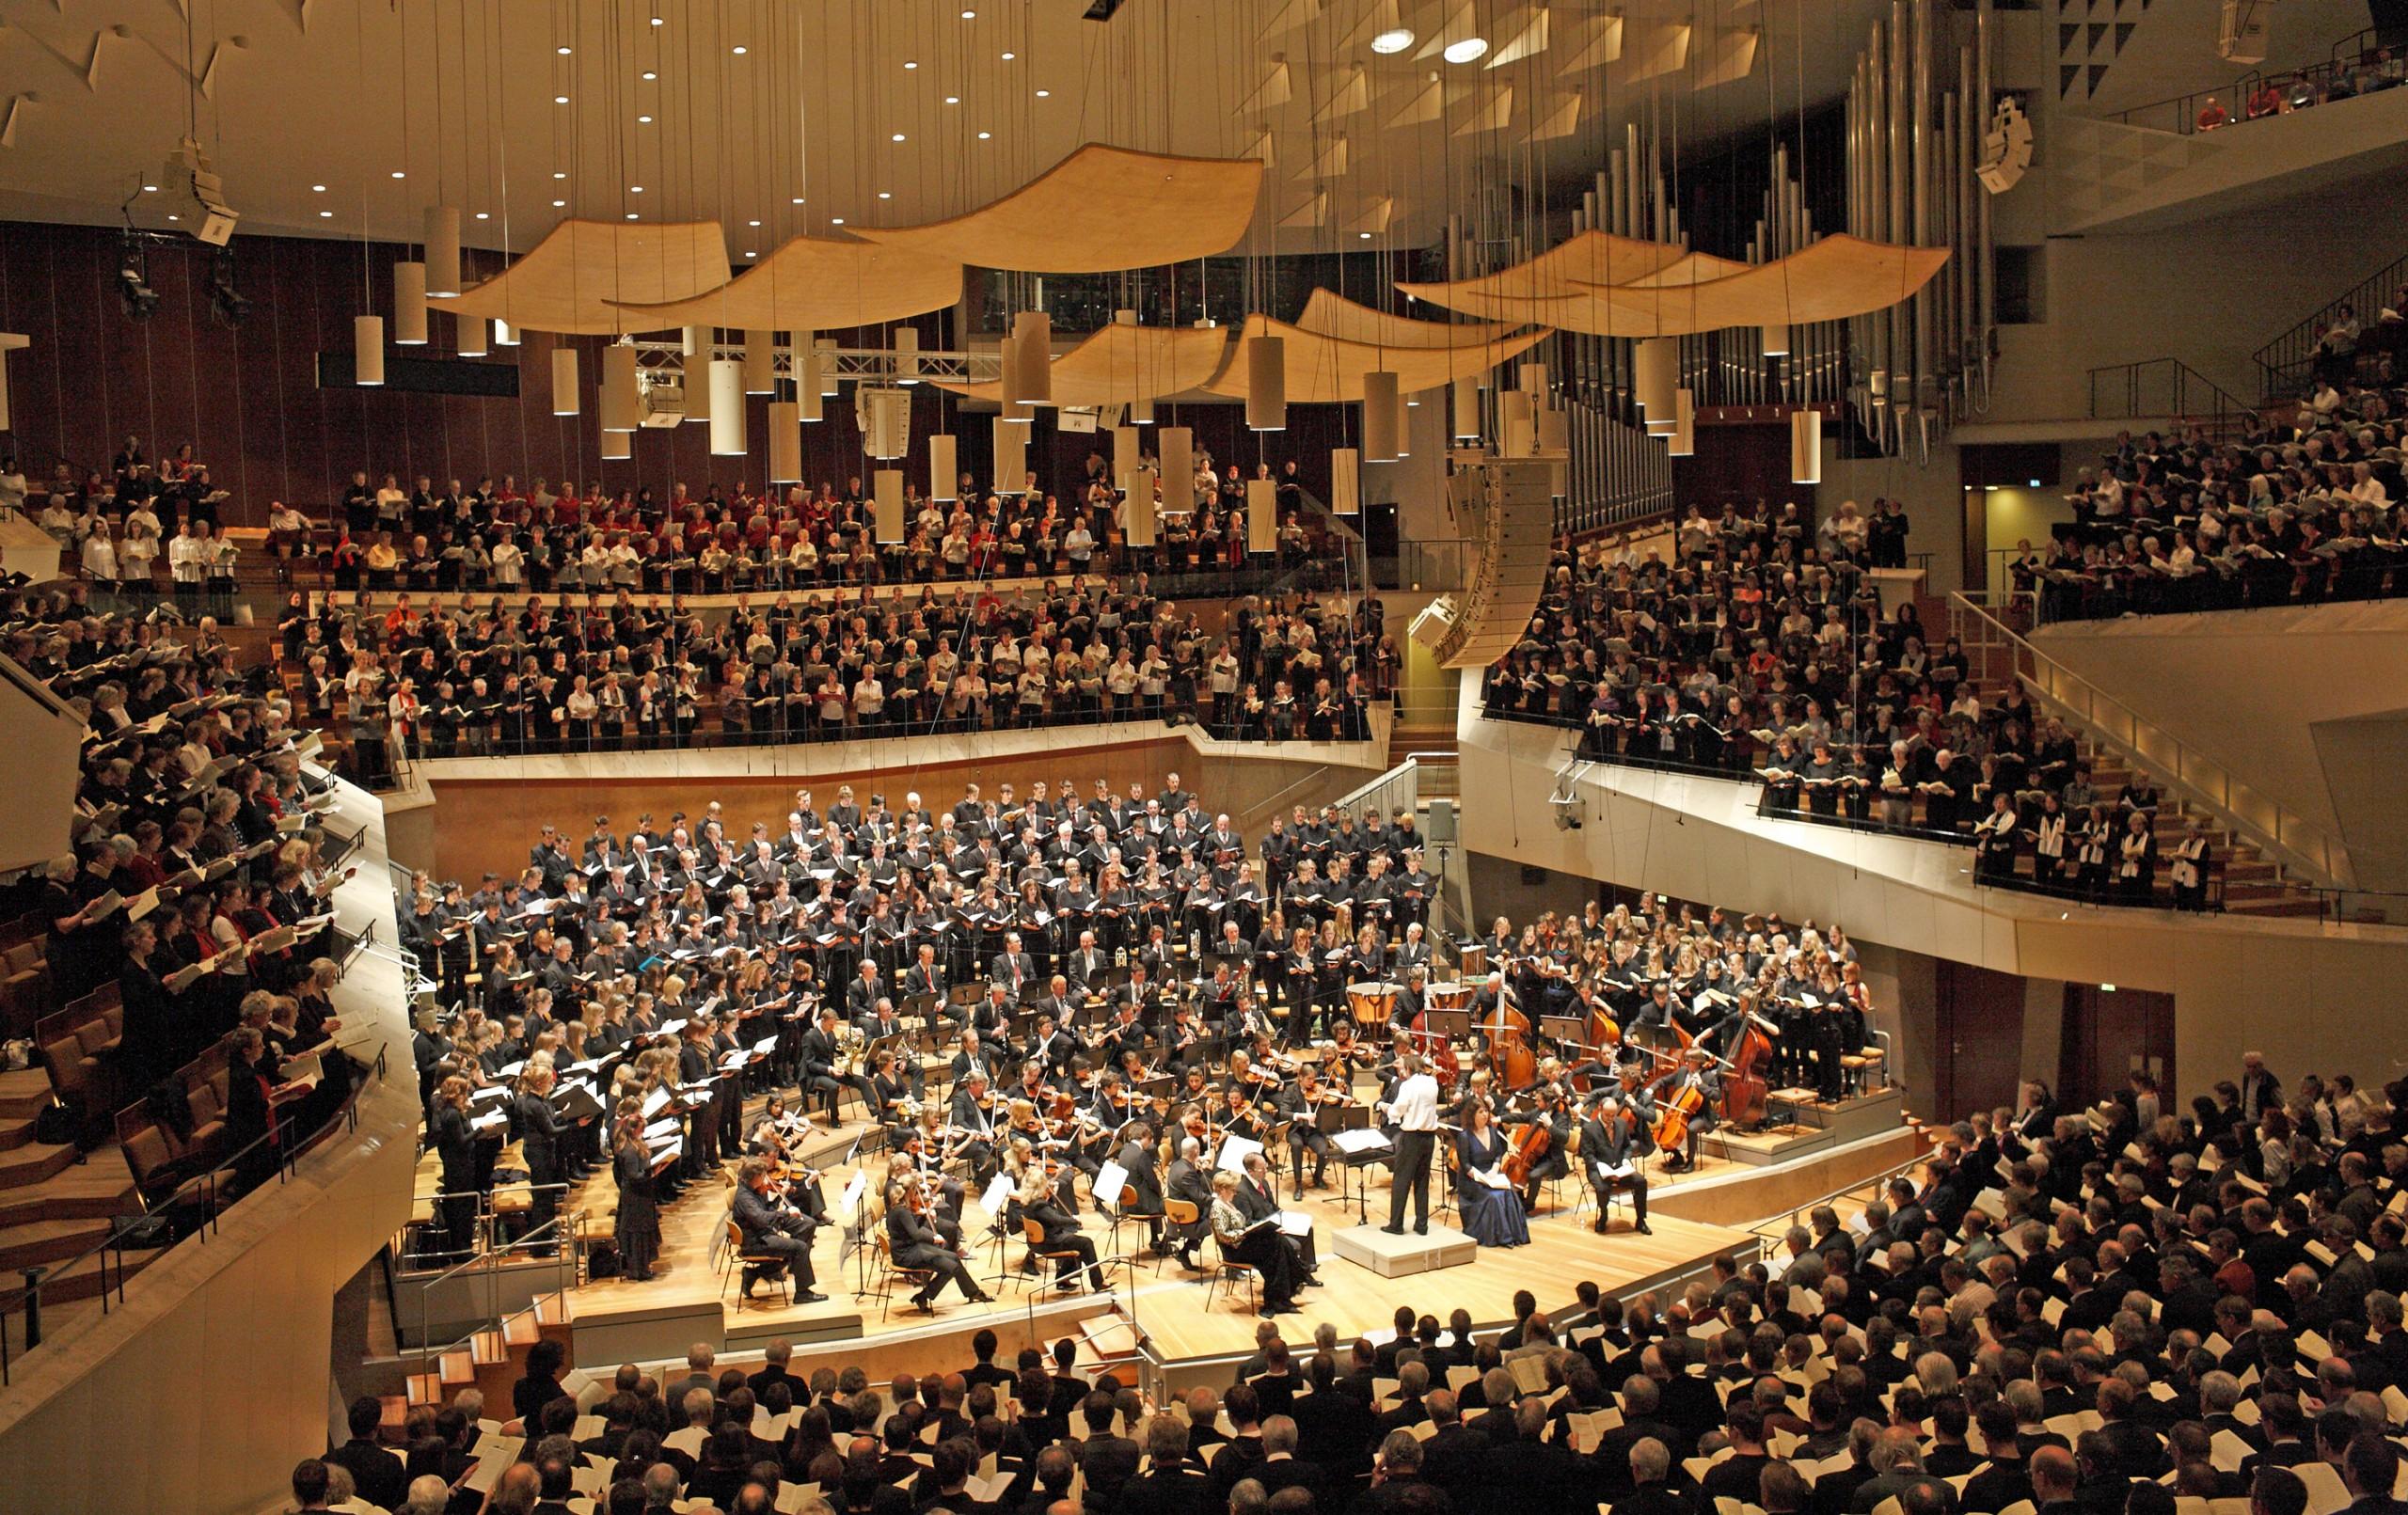 ảnh phòng hòa nhạc berlin